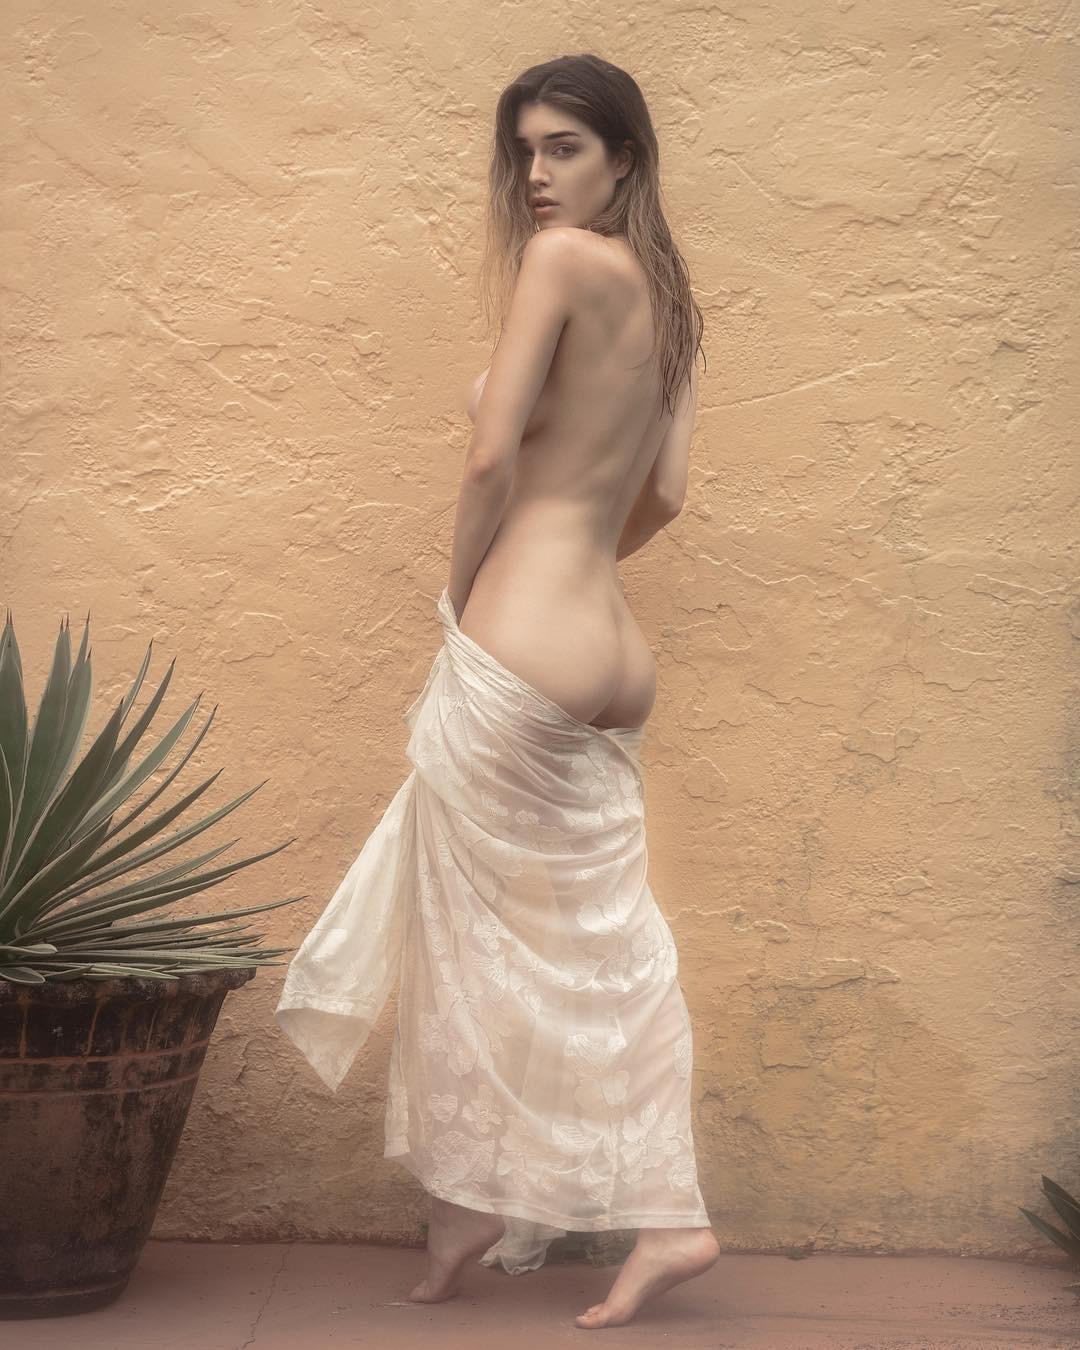 Lauren Summer Hot Nude Pictures, Great Ass